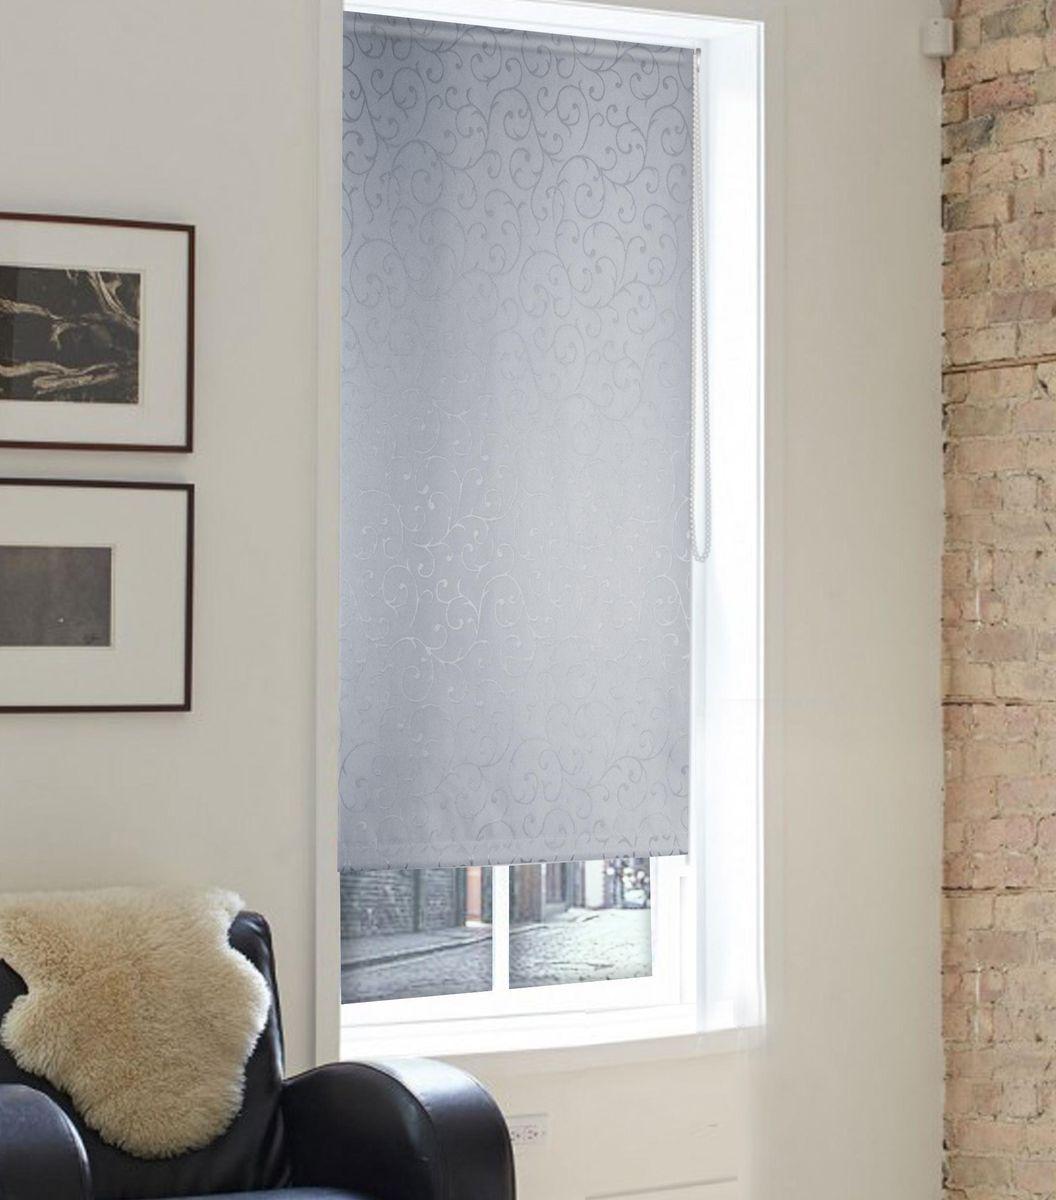 Штора рулонная Эскар Агат, цвет: серый, ширина 130 см, высота 160 см87022130160Рулонными шторами можно оформлять окна как самостоятельно, так и использовать в комбинации с портьерами. Это поможет предотвратить выгорание дорогой ткани на солнце и соединит функционал рулонных с красотой навесных. Преимущества применения рулонных штор для пластиковых окон: - имеют прекрасный внешний вид: многообразие и фактурность материала изделия отлично смотрятся в любом интерьере; - многофункциональны: есть возможность подобрать шторы способные эффективно защитить комнату от солнца, при этом она не будет слишком темной. - Есть возможность осуществить быстрый монтаж. ВНИМАНИЕ! Размеры ширины изделия указаны по ширине ткани! Во время эксплуатации не рекомендуется полностью разматывать рулон, чтобы не оторвать ткань от намоточного вала. В случае загрязнения поверхности ткани, чистку шторы проводят одним из способов, в зависимости от типа загрязнения: легкое поверхностное загрязнение можно удалить при помощи канцелярского ластика; чистка от пыли производится сухим методом при...